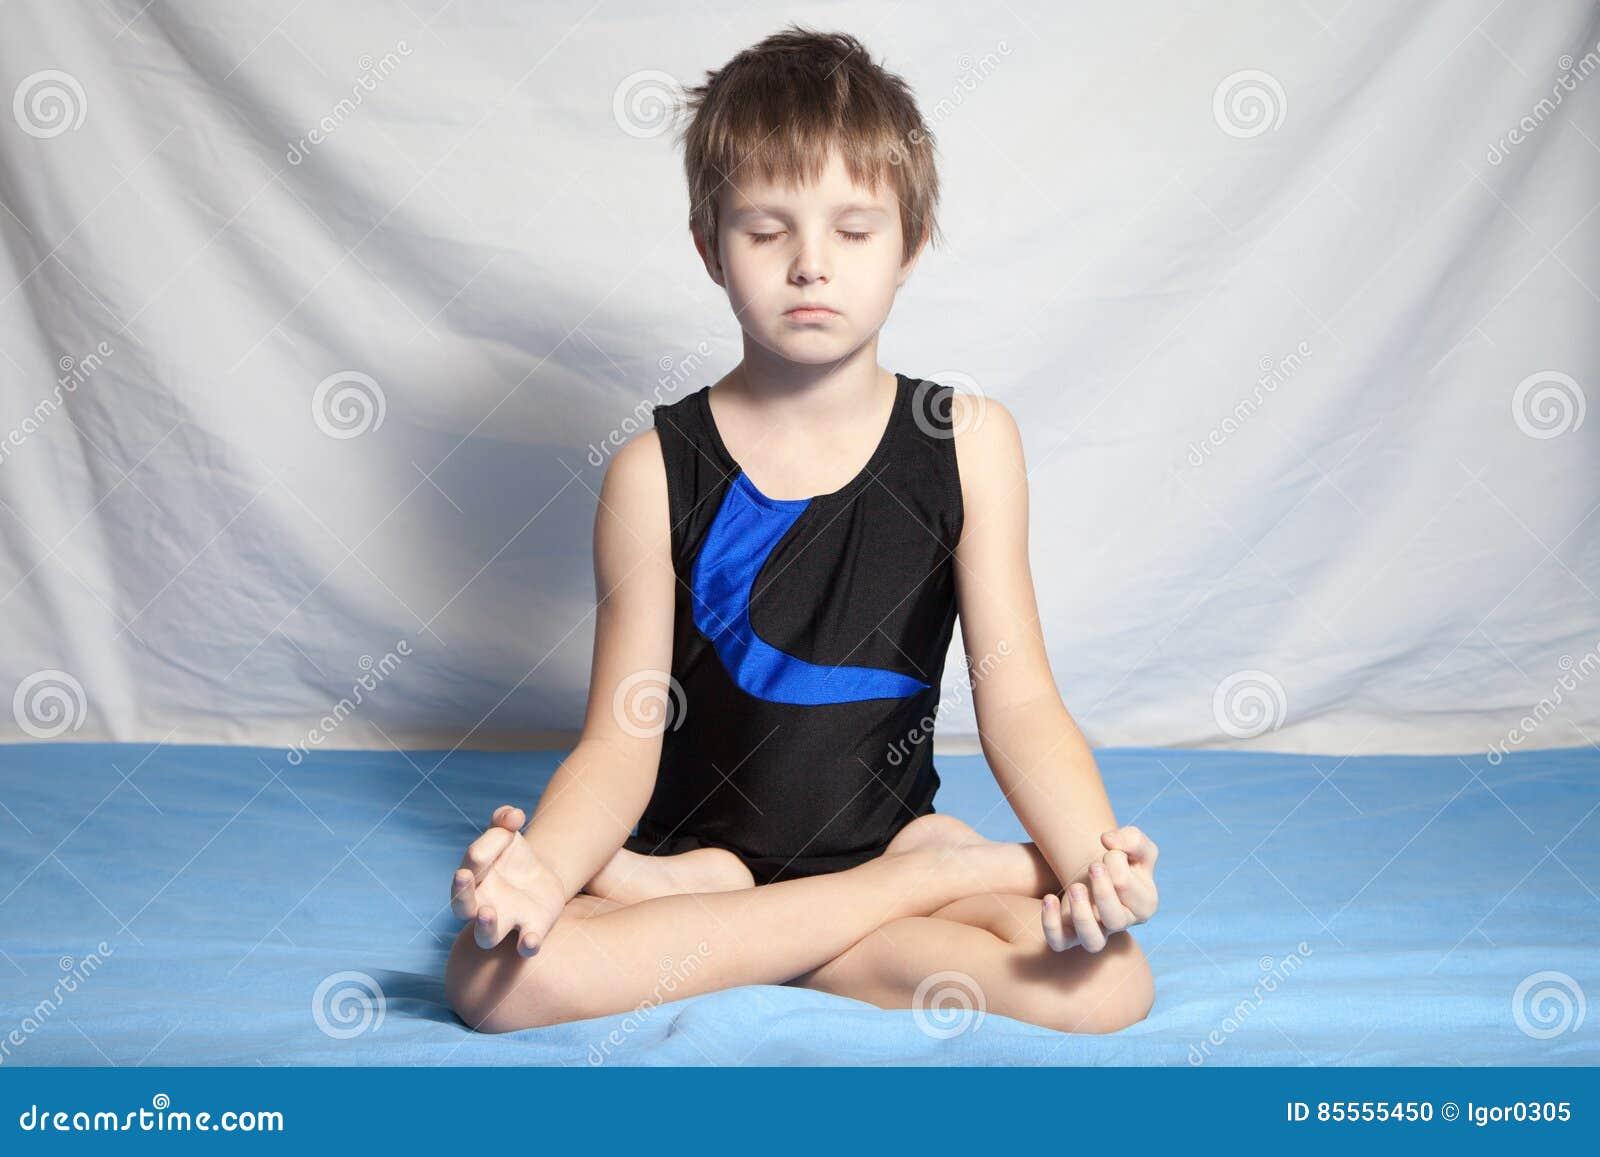 Junge übt Yoga